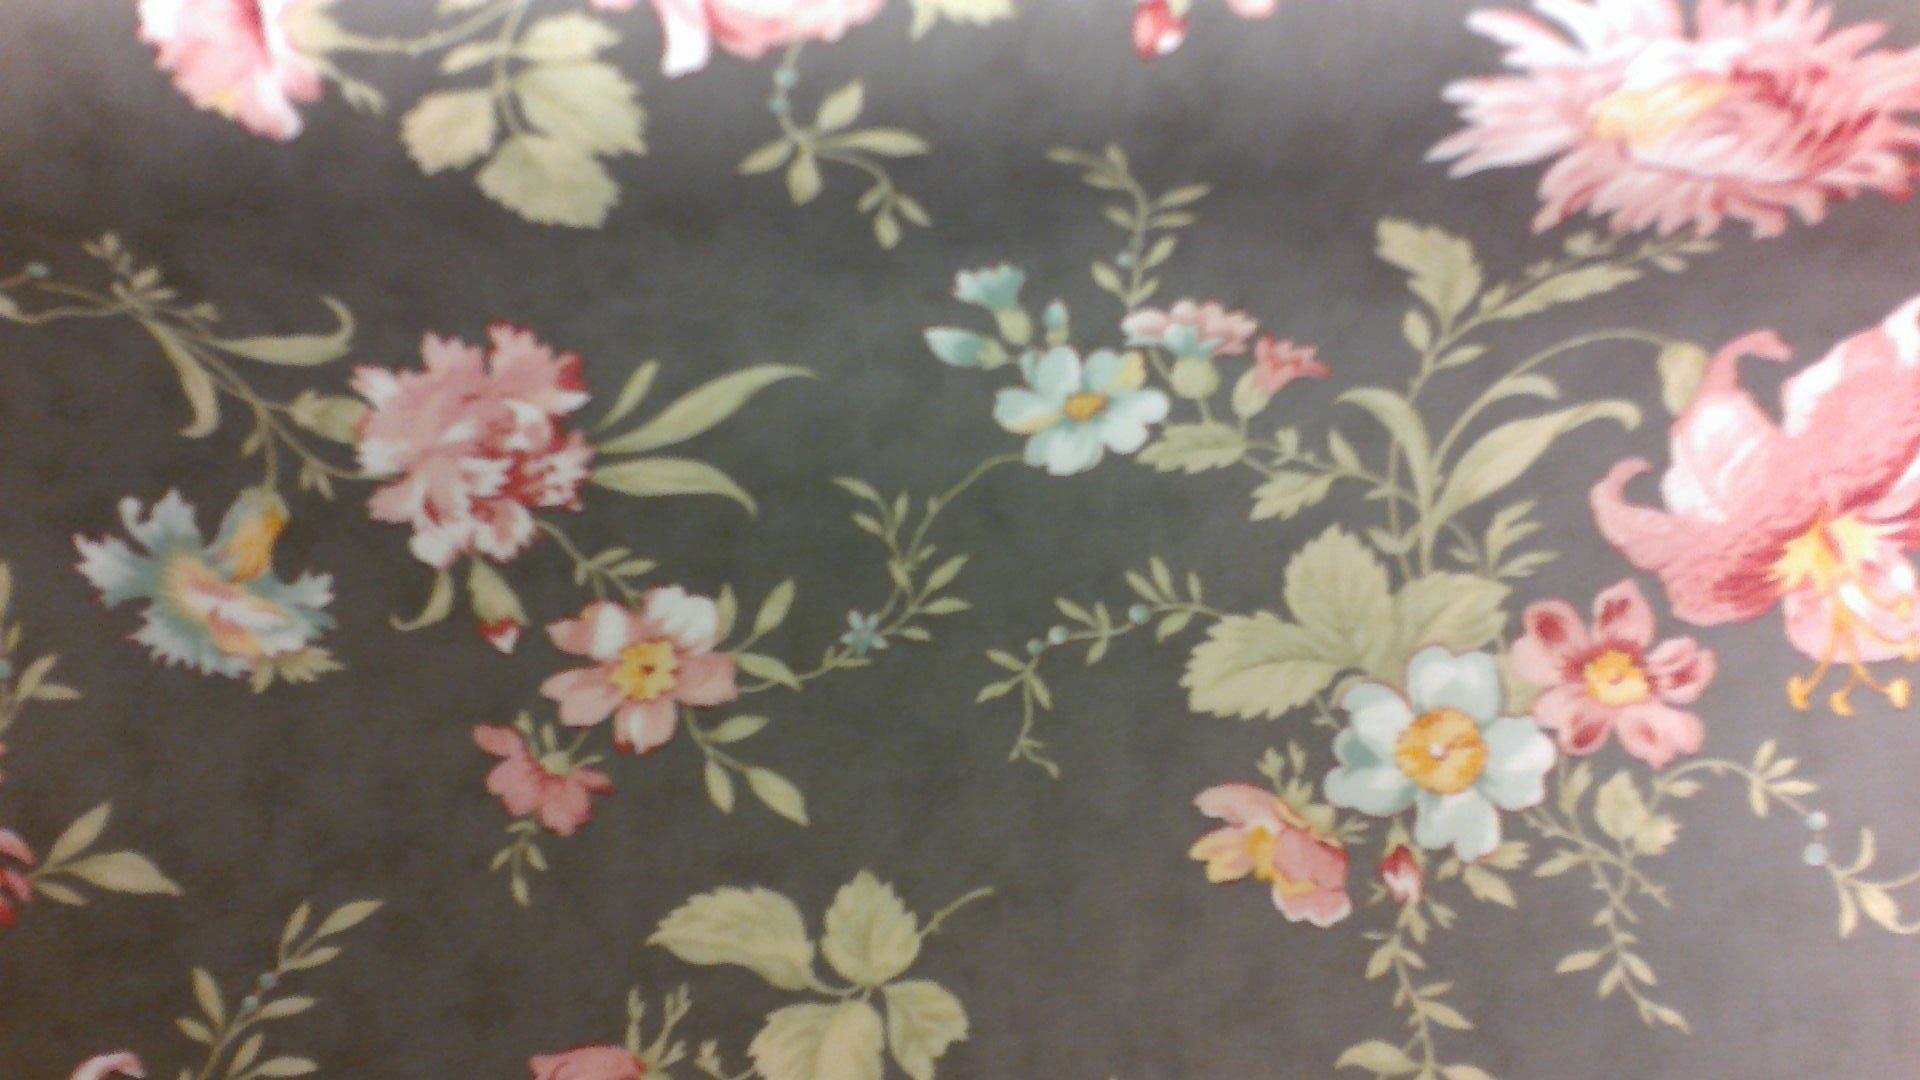 Laminated Market Bag Kit with pattern